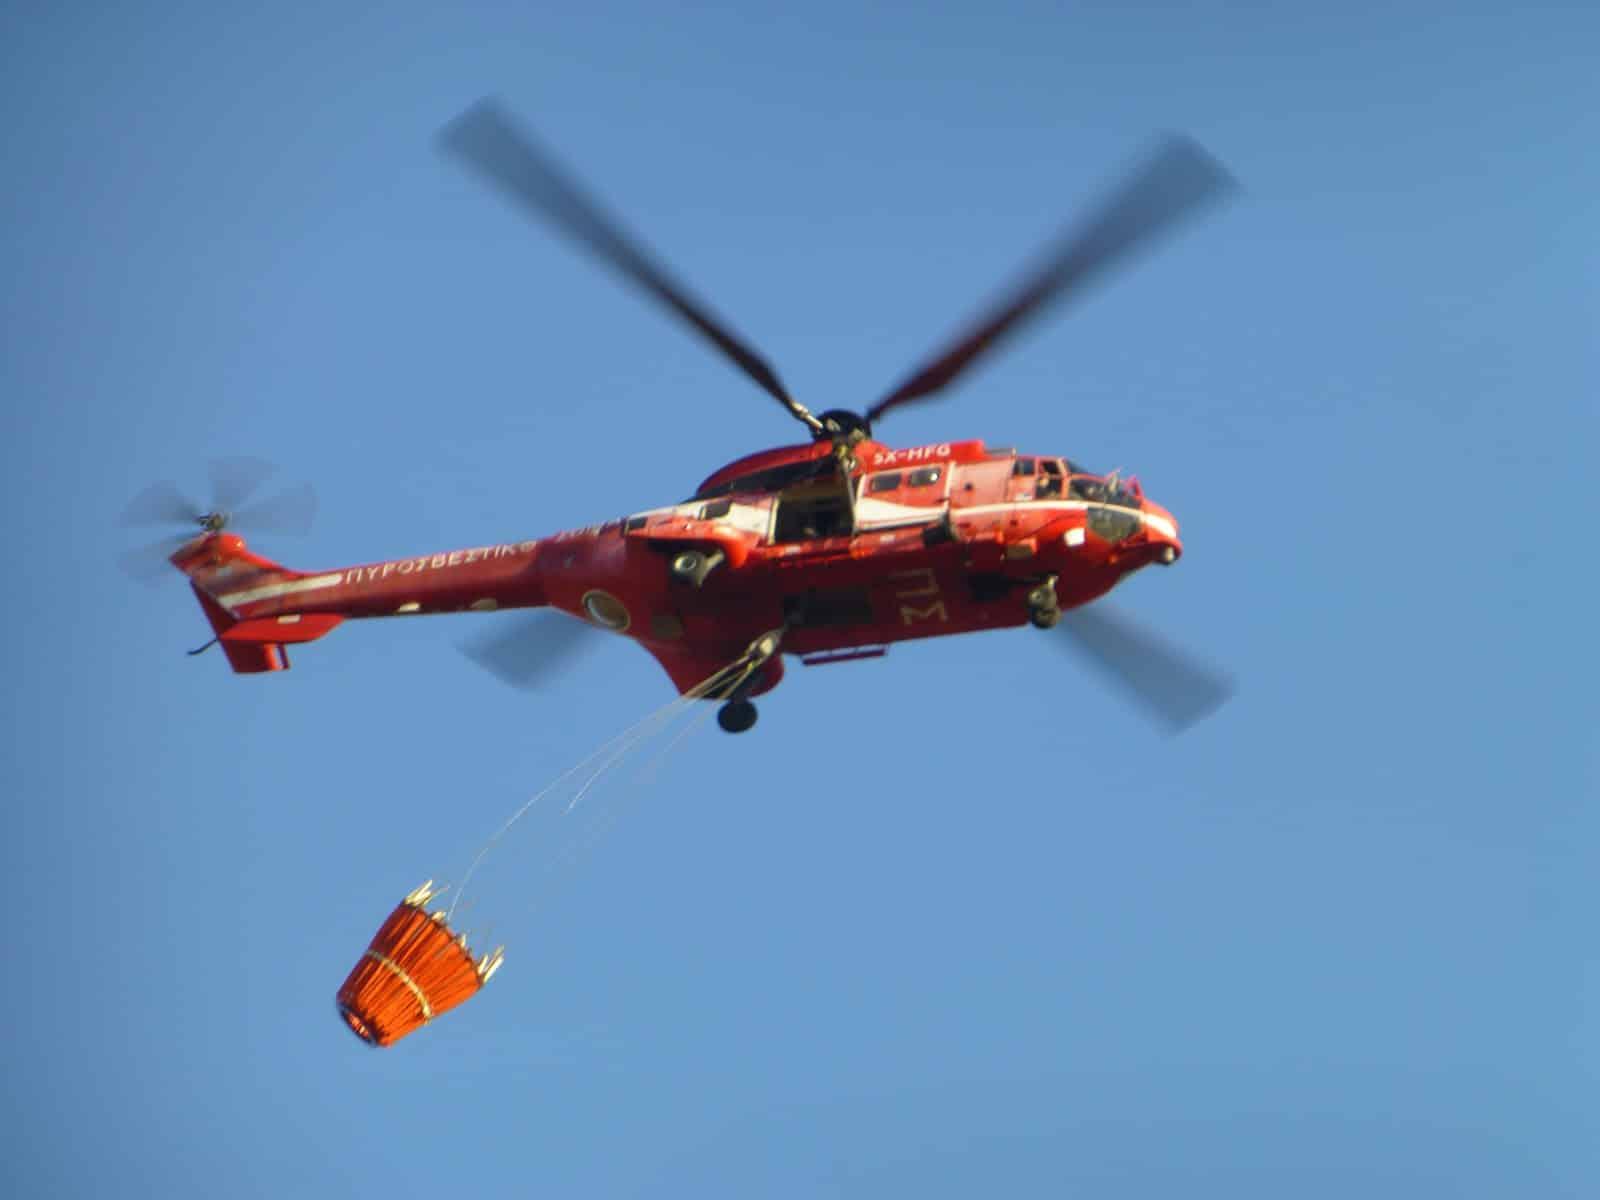 Πυροσβεστική: Προσλήψεις πιλότων για τα Super Puma AS-332